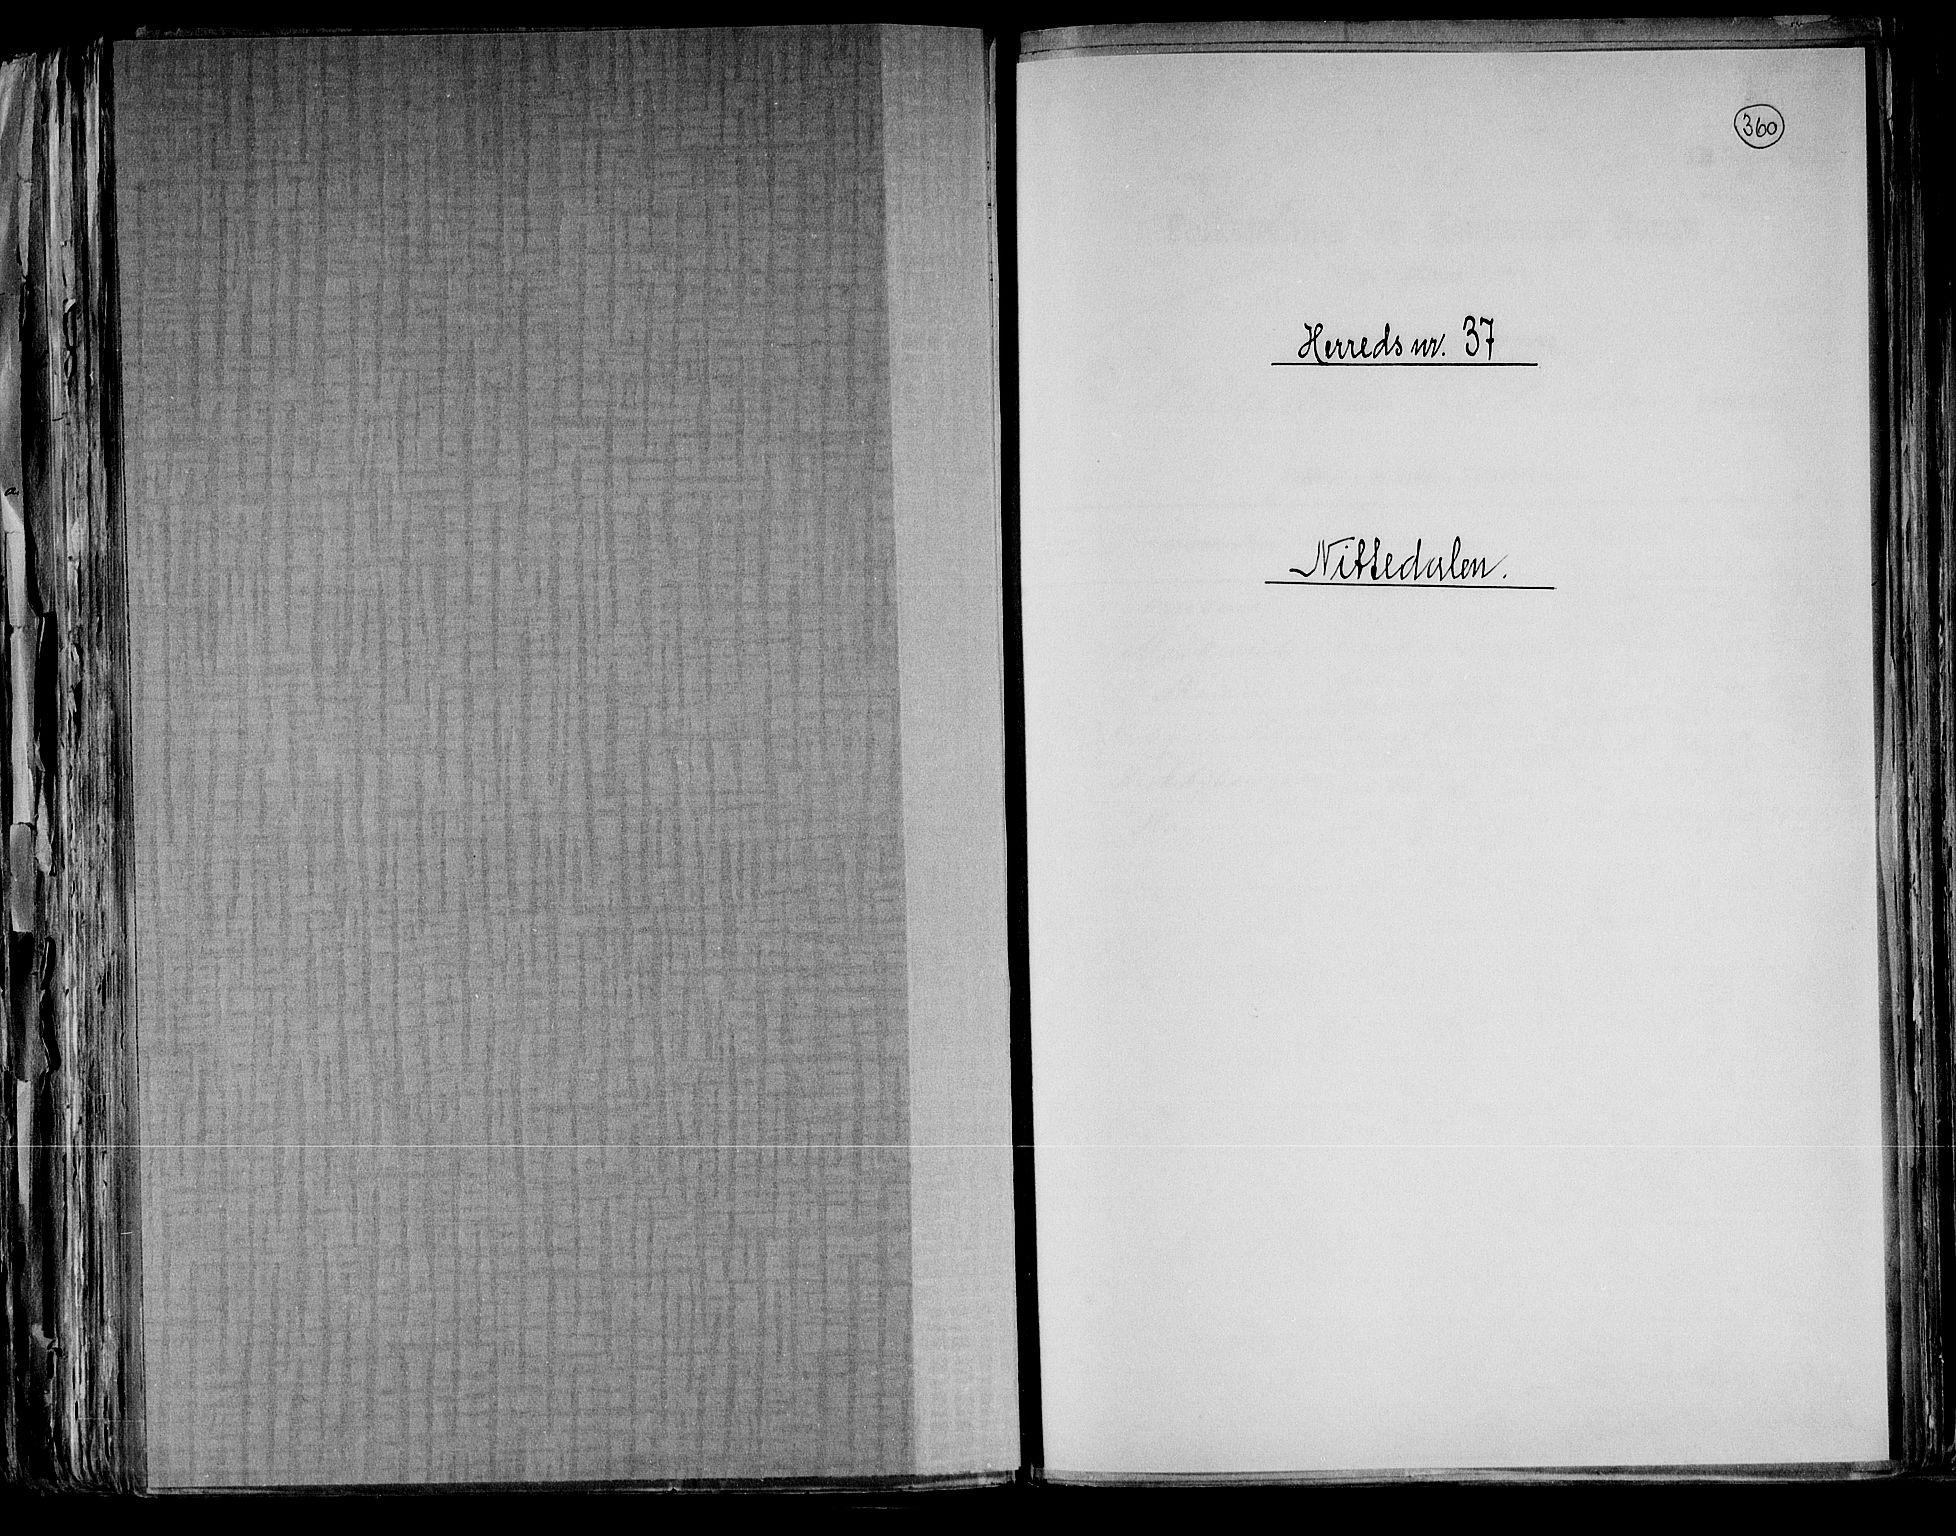 RA, Folketelling 1891 for 0233 Nittedal herred, 1891, s. 1